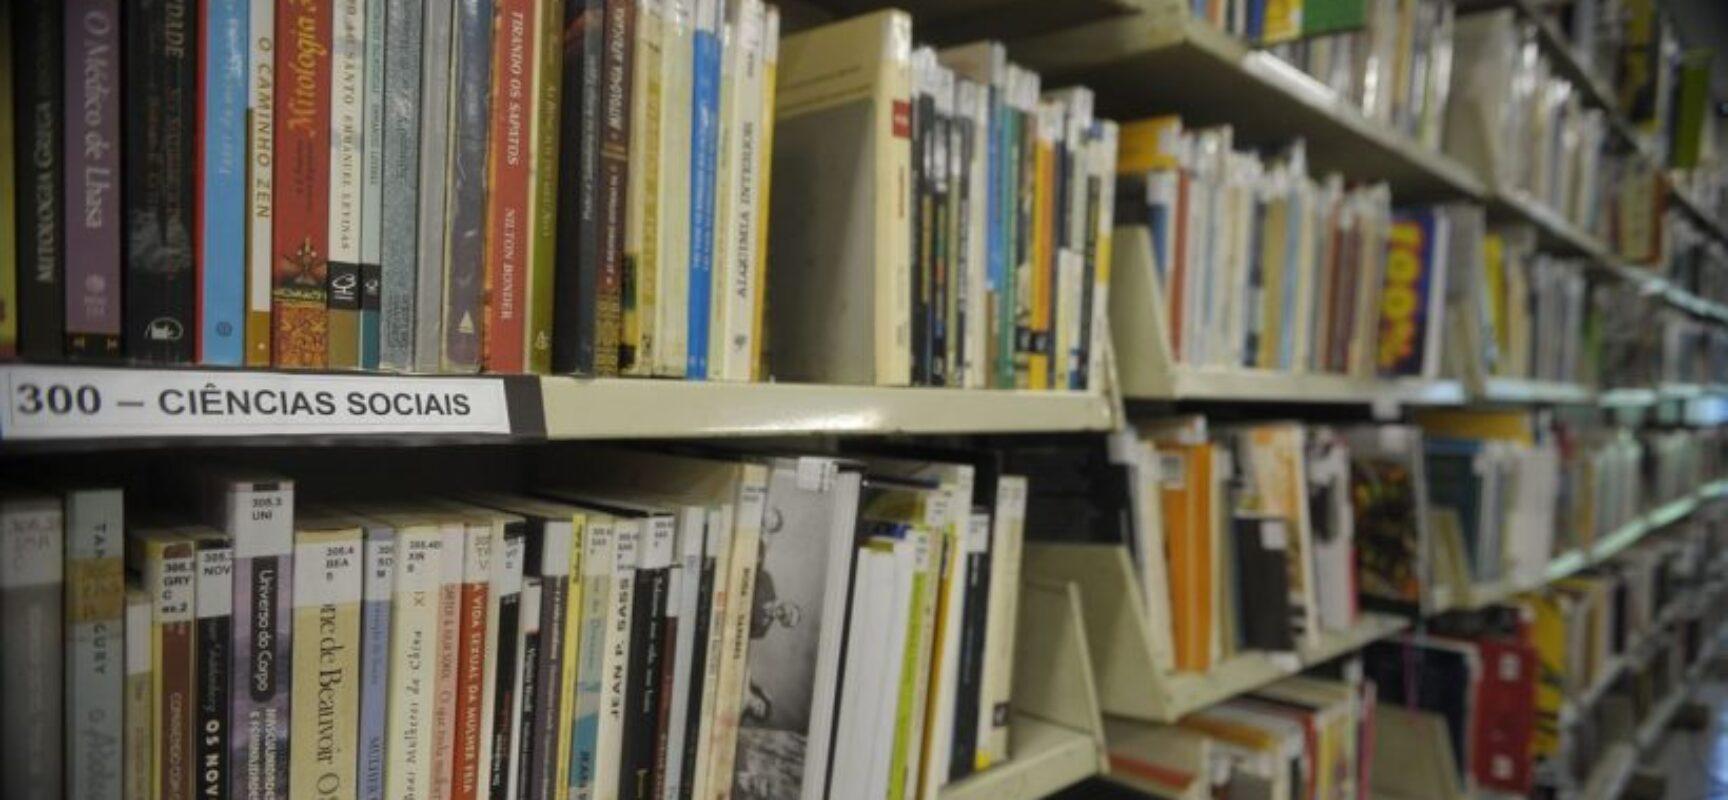 Leitura pode reduzir a pena na prisão, mas ainda há desafios